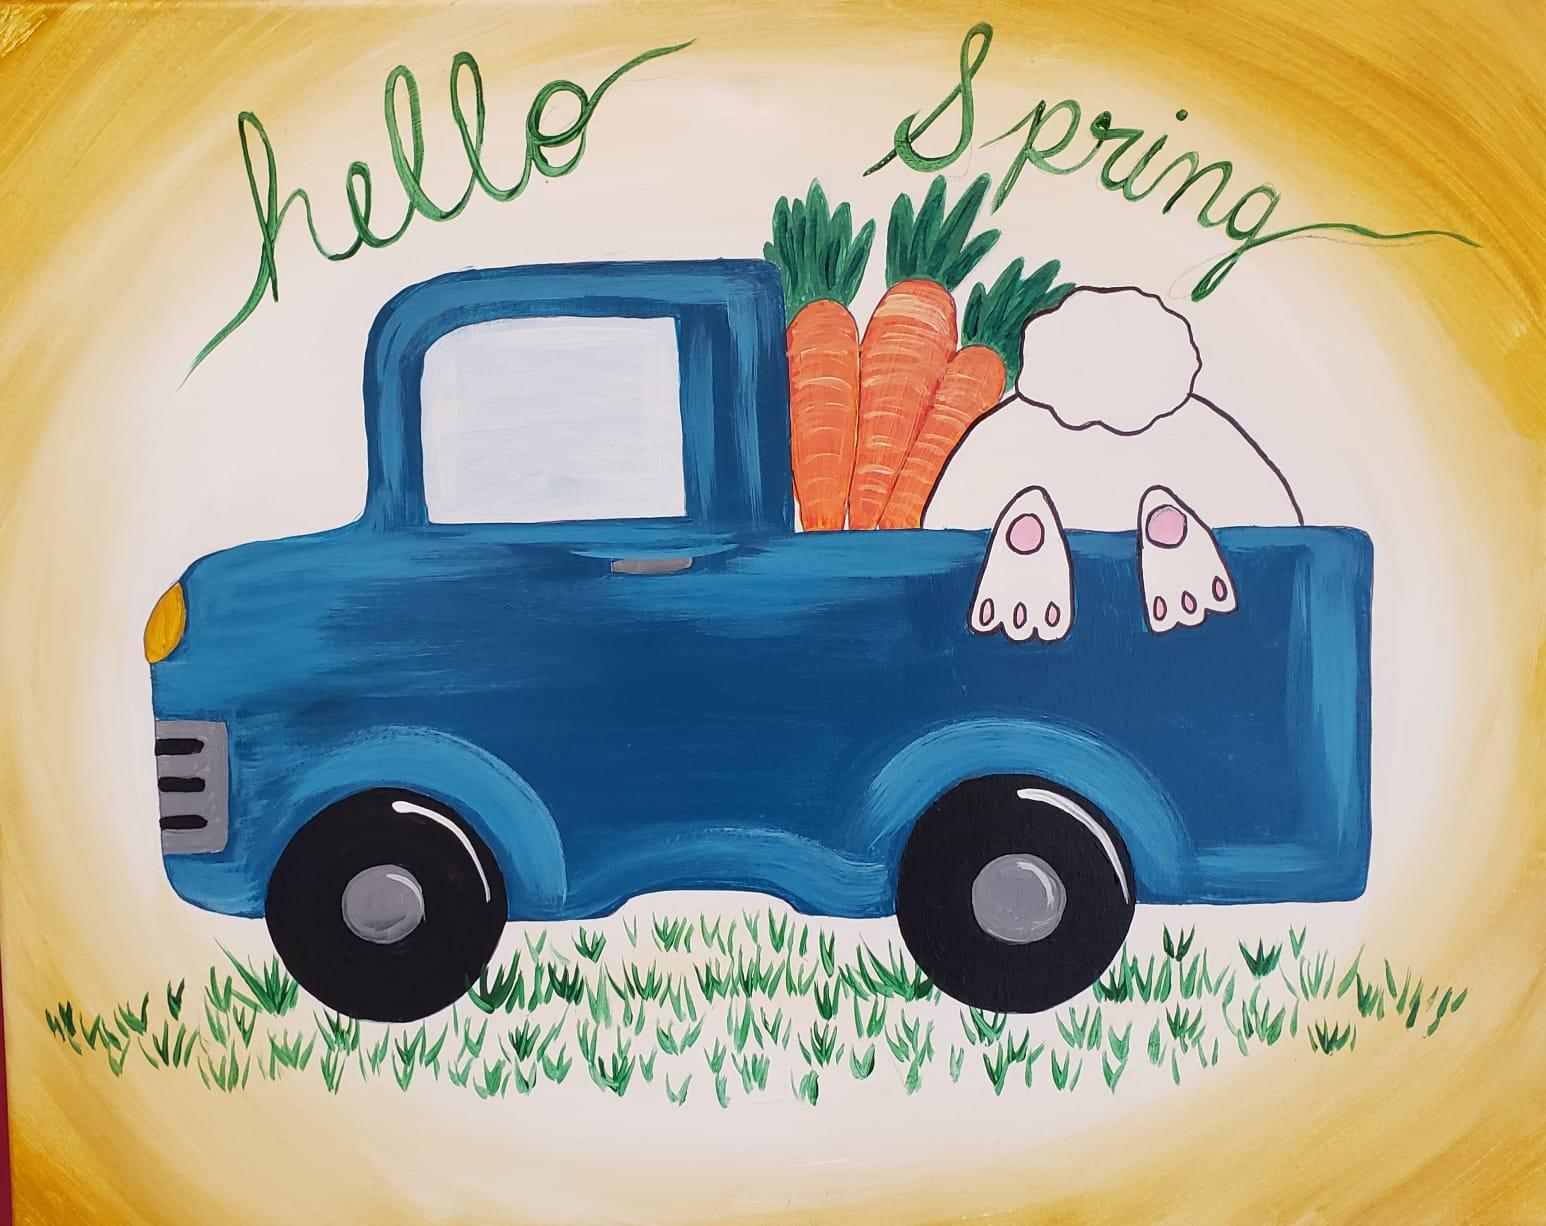 Hippity Hop into Spring